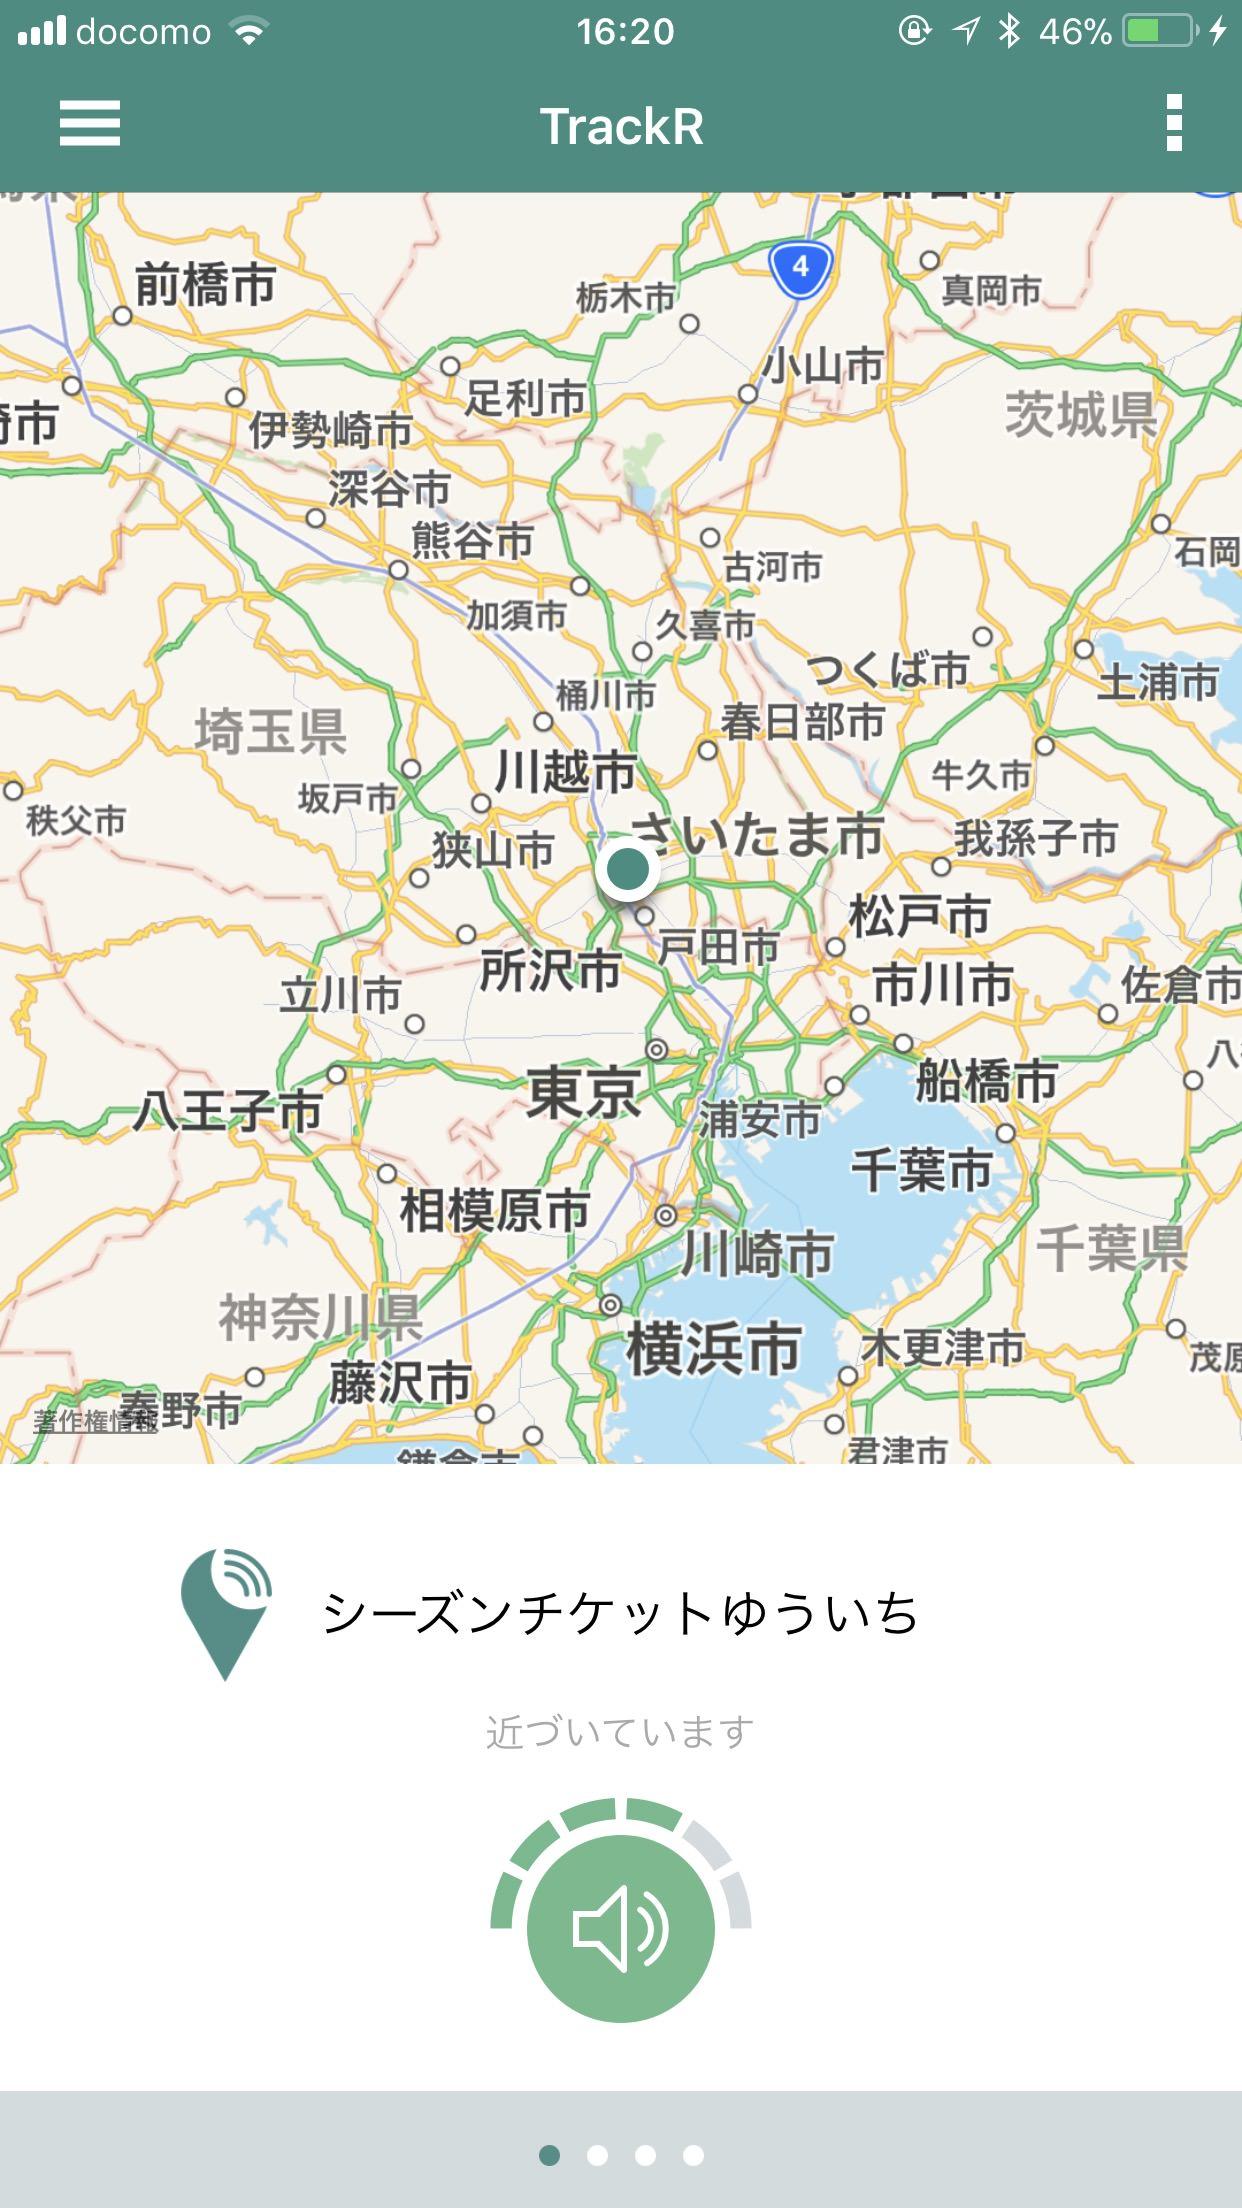 Trackr 8967